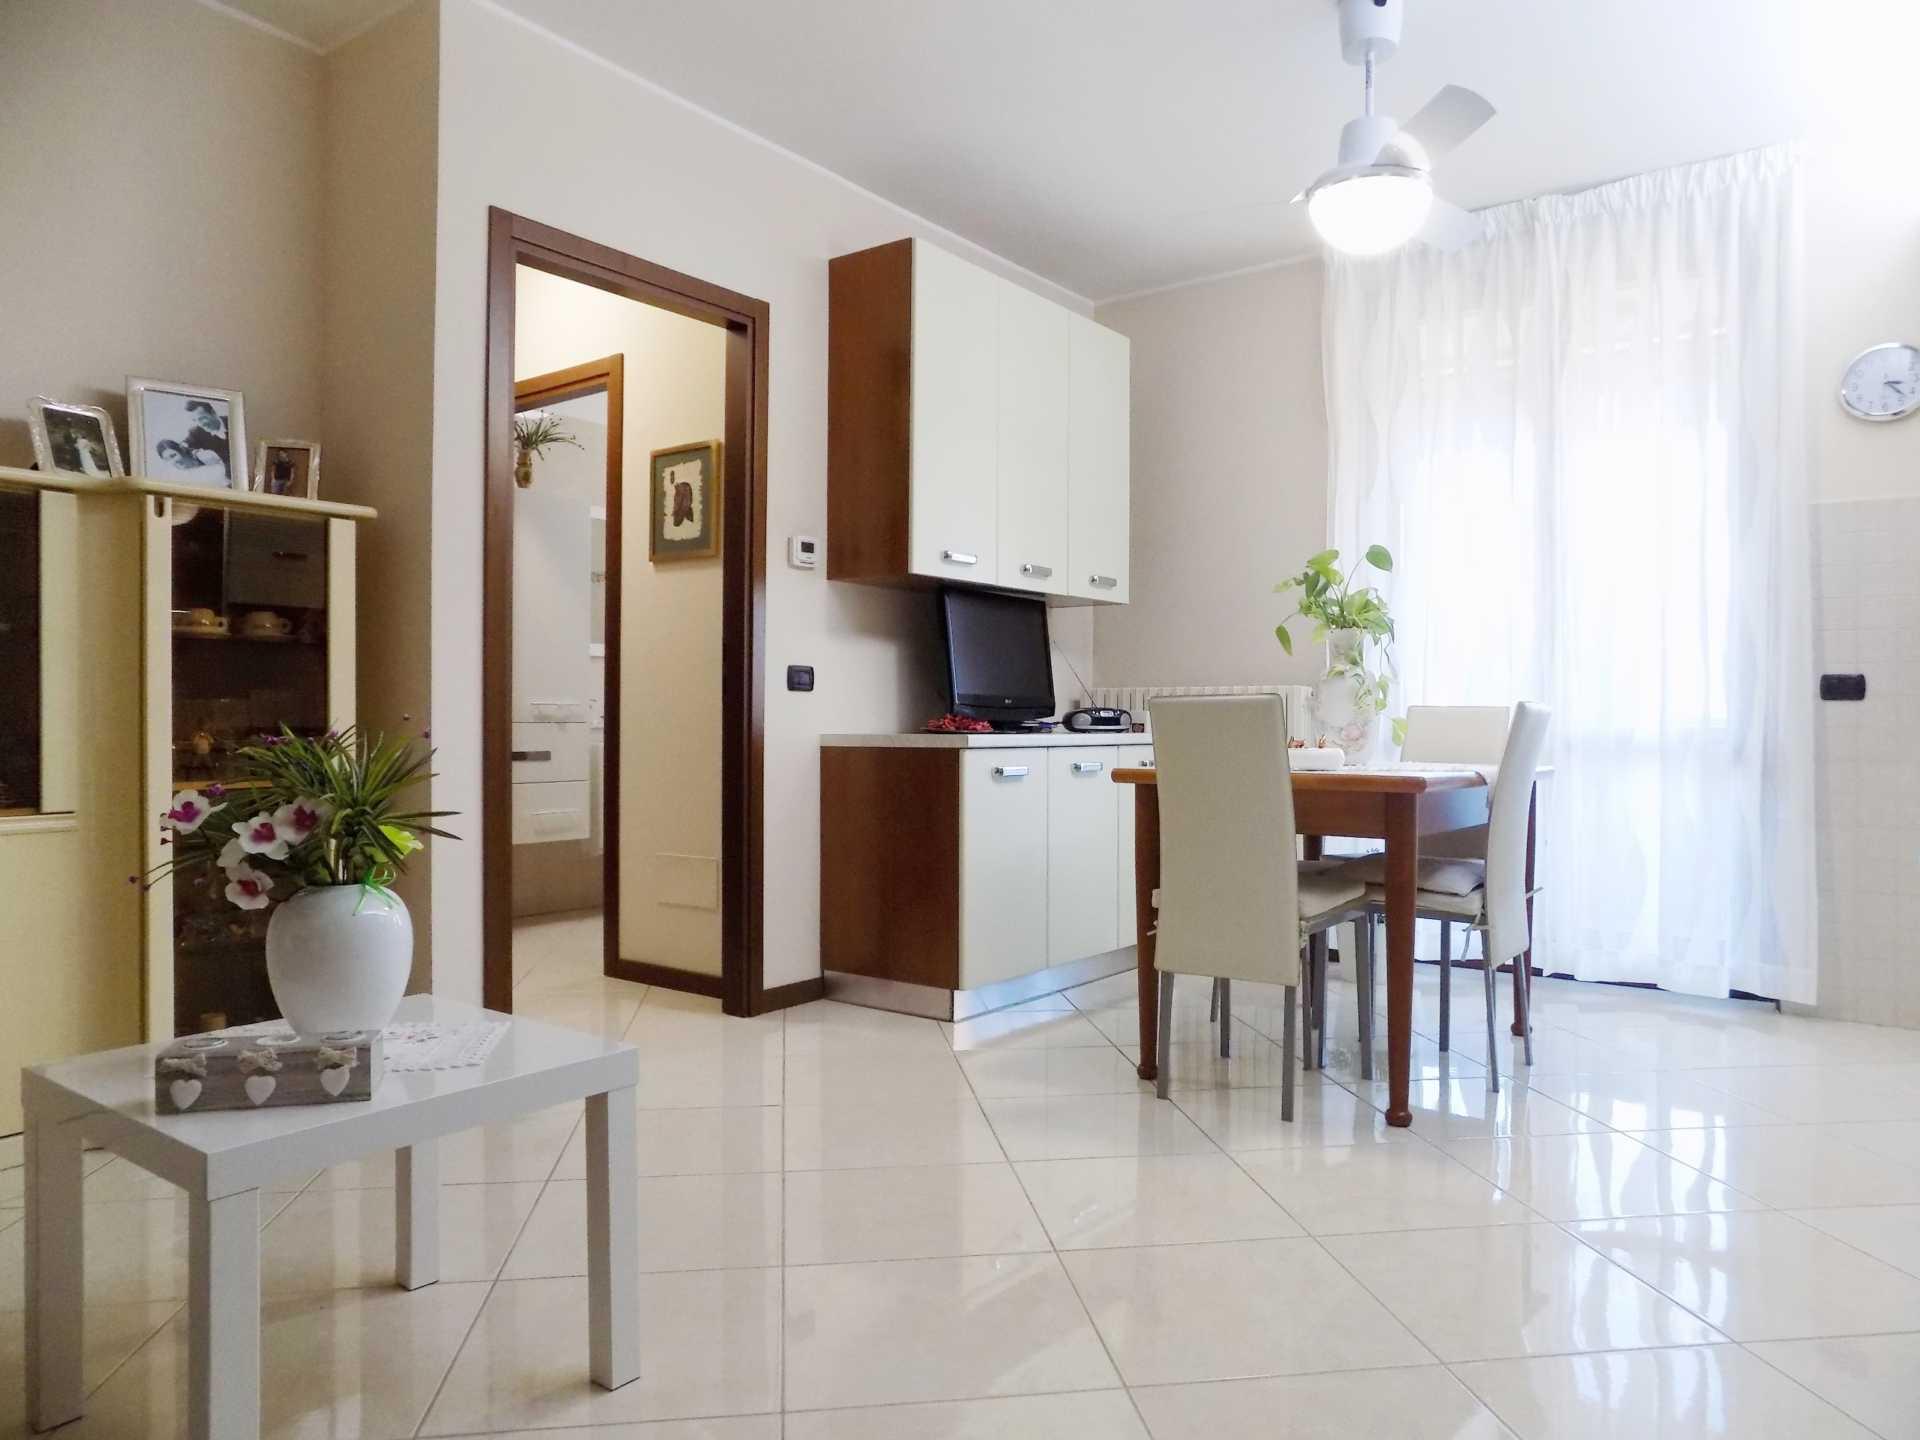 Bernareggio-appartamento-in-vendita (3)